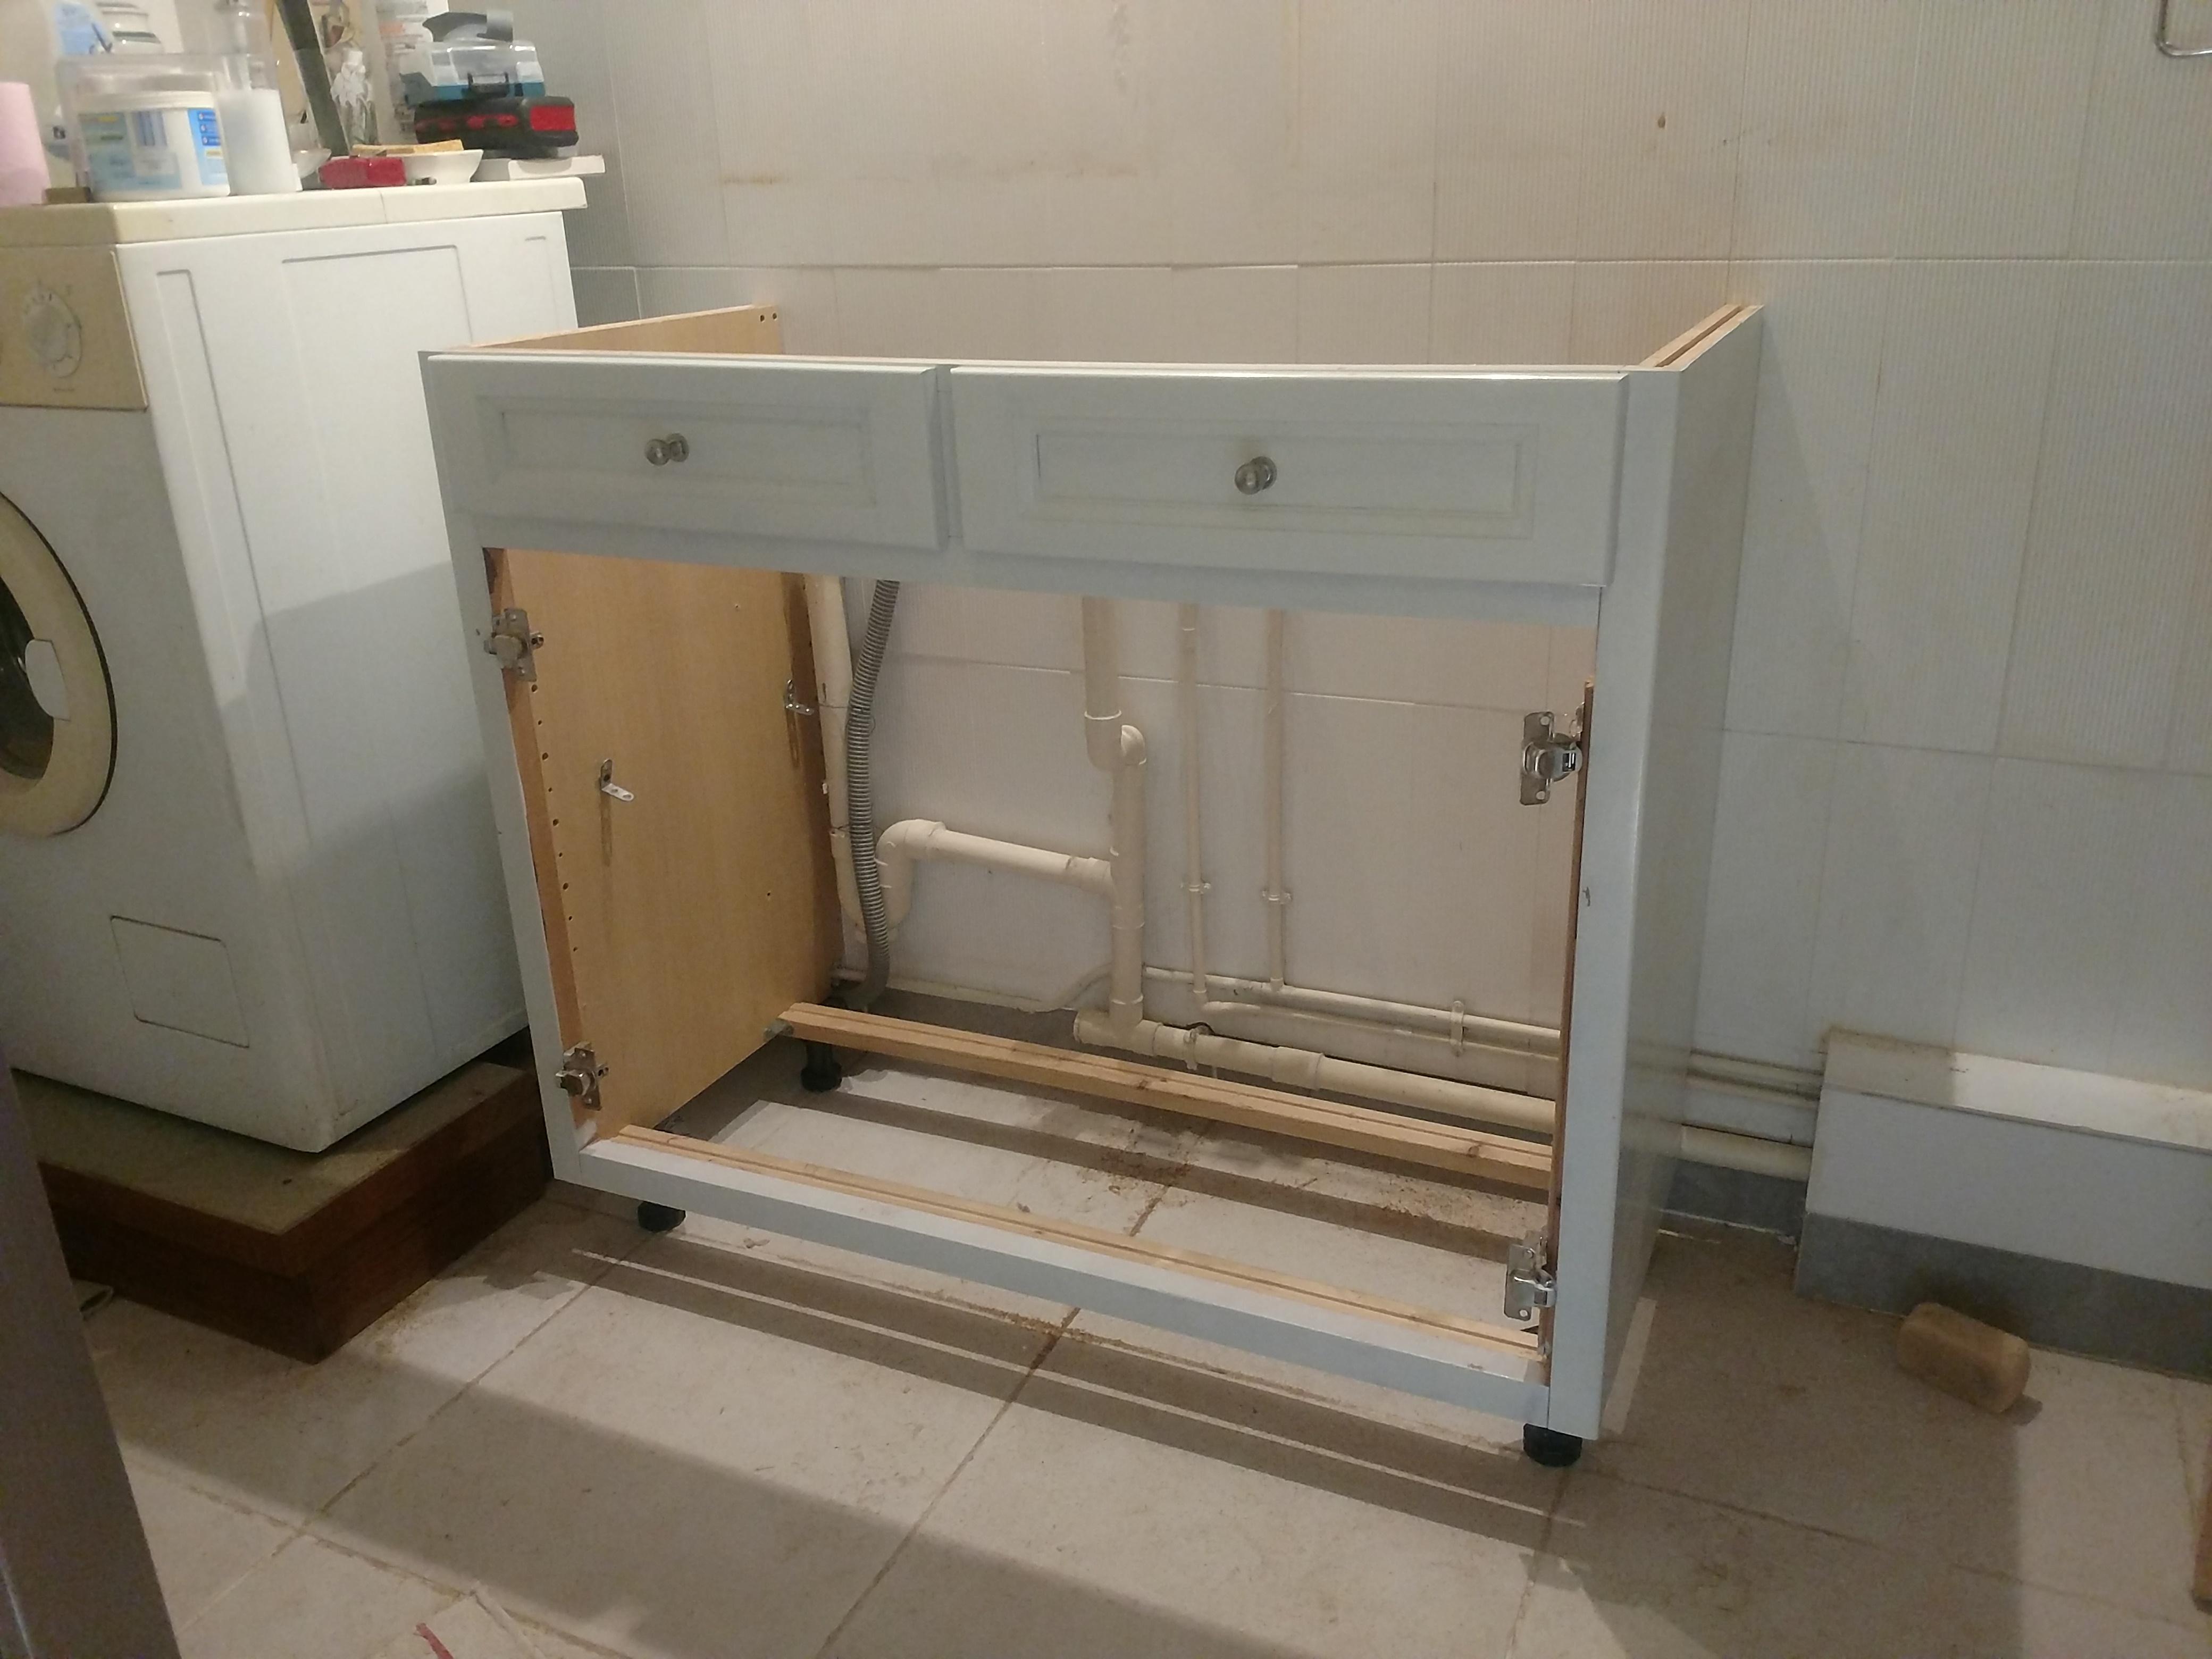 Comment Installer Un Lave Main Avec Meuble un meuble de cuisine + un plan ikea rattviken = un meuble de